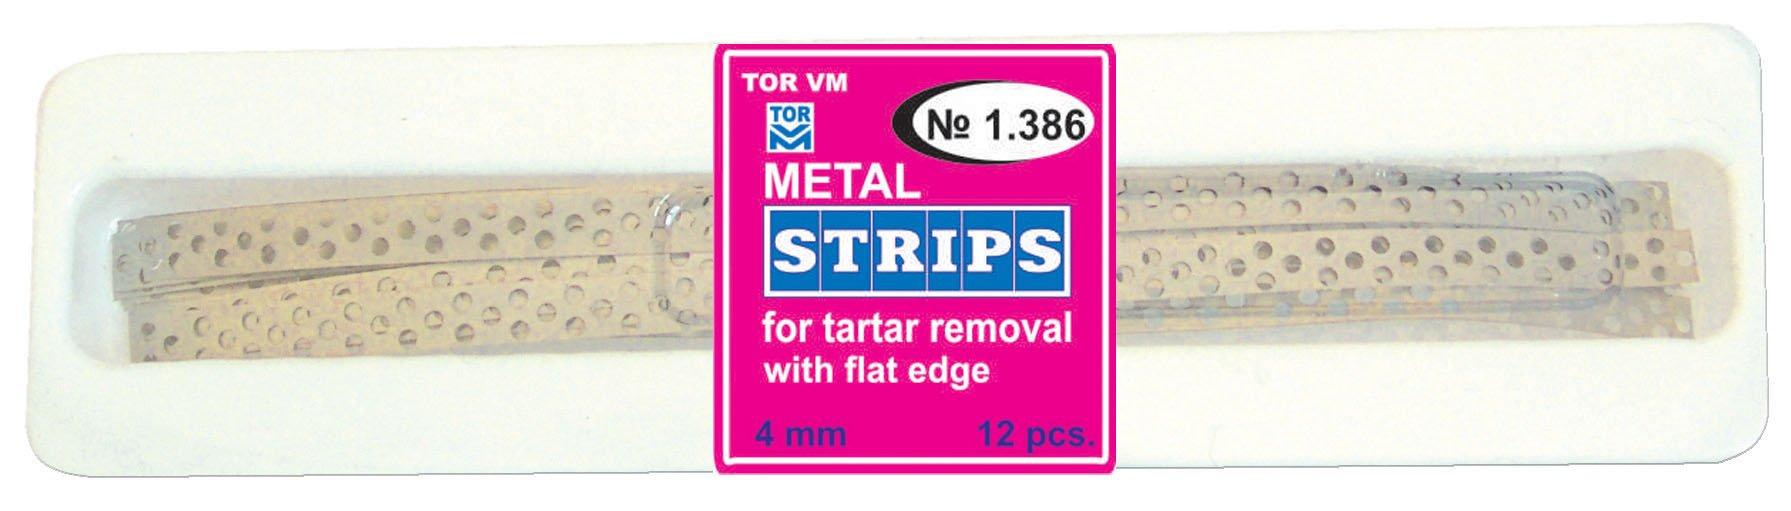 Dental Perforated Prophylactic Metal Strips for Tartar Removal TOR VM (1 pack)